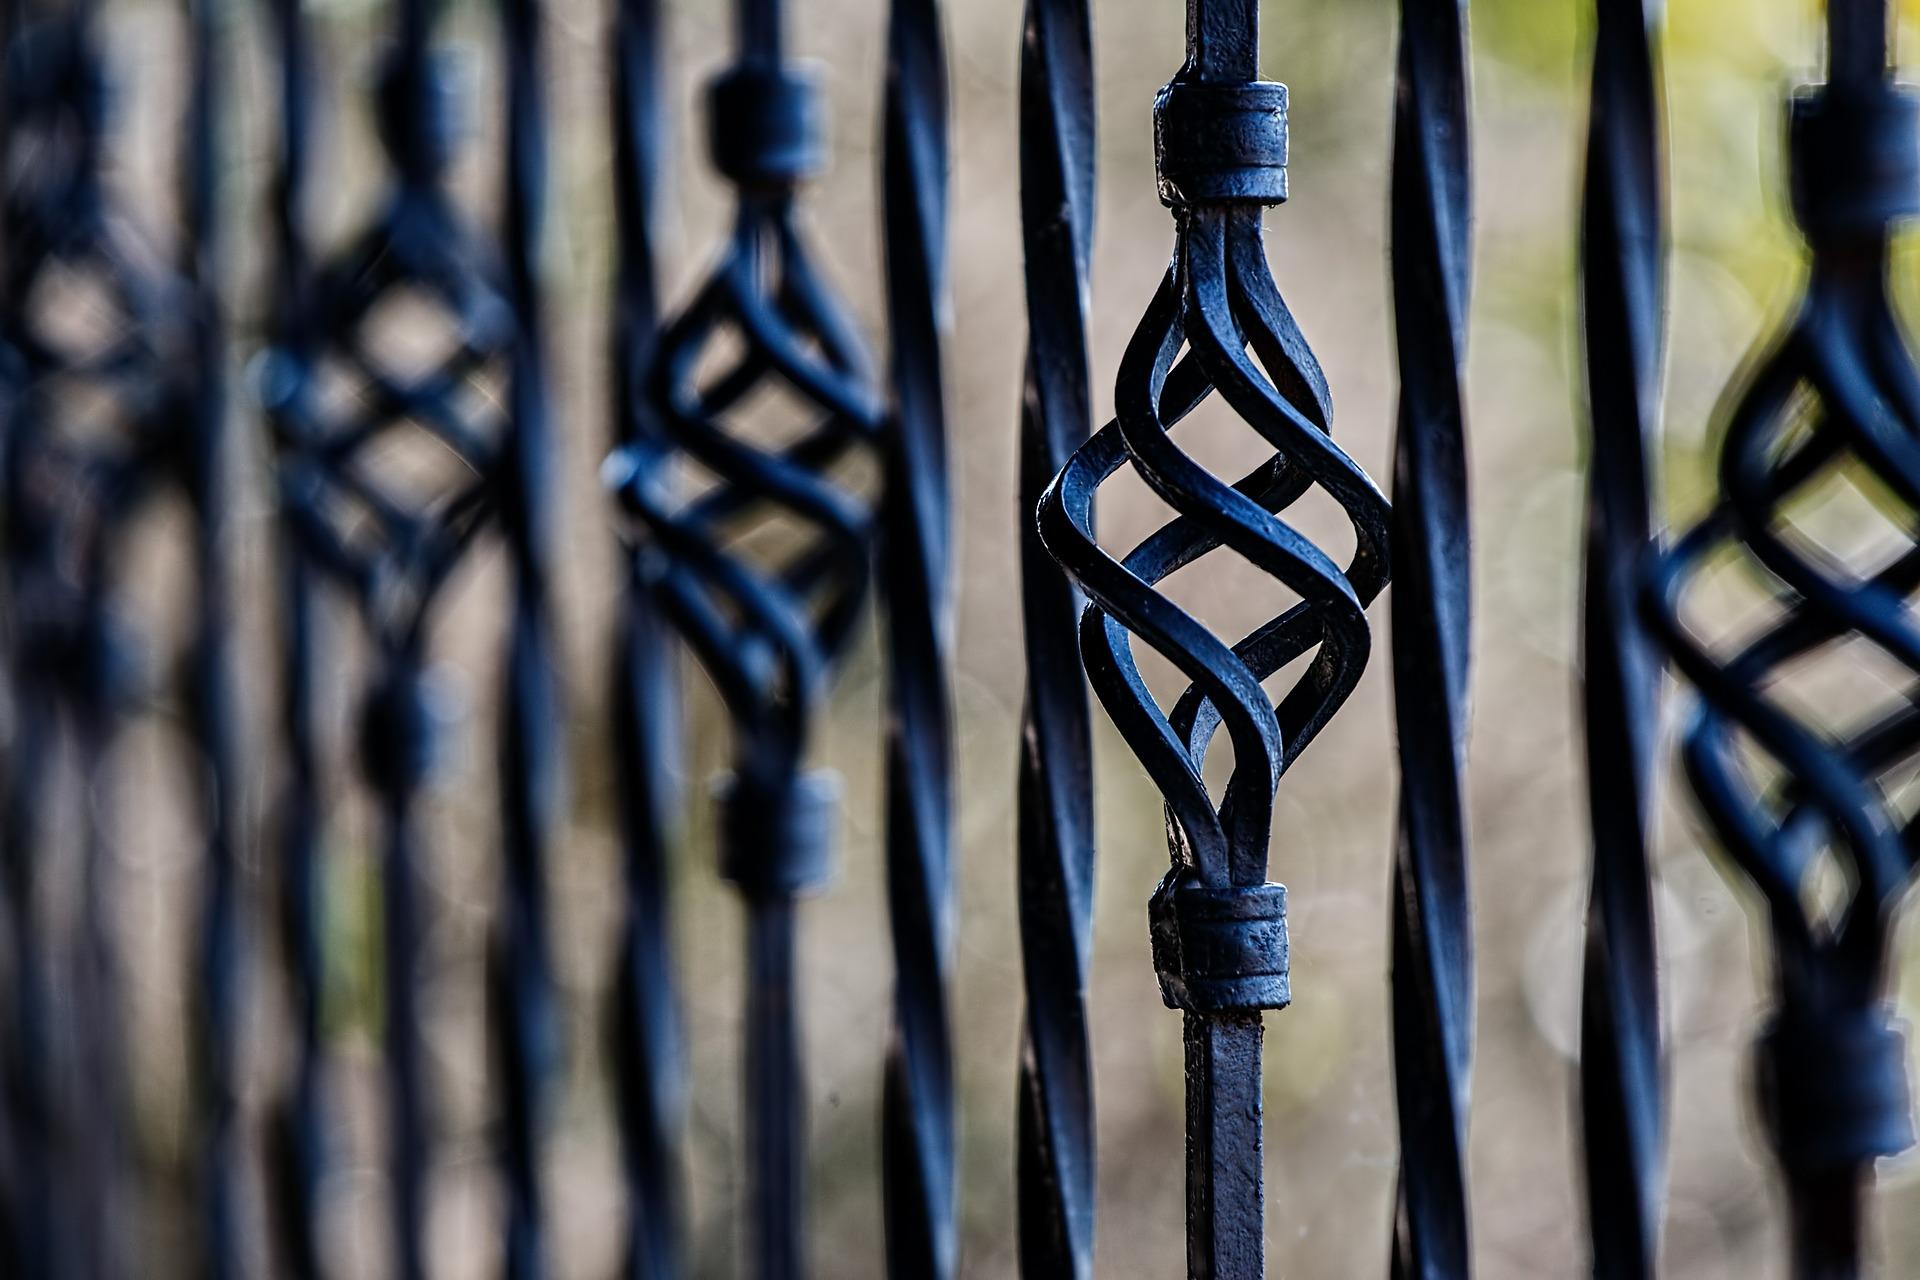 Les astuces pour sécuriser sa clôture de jardin